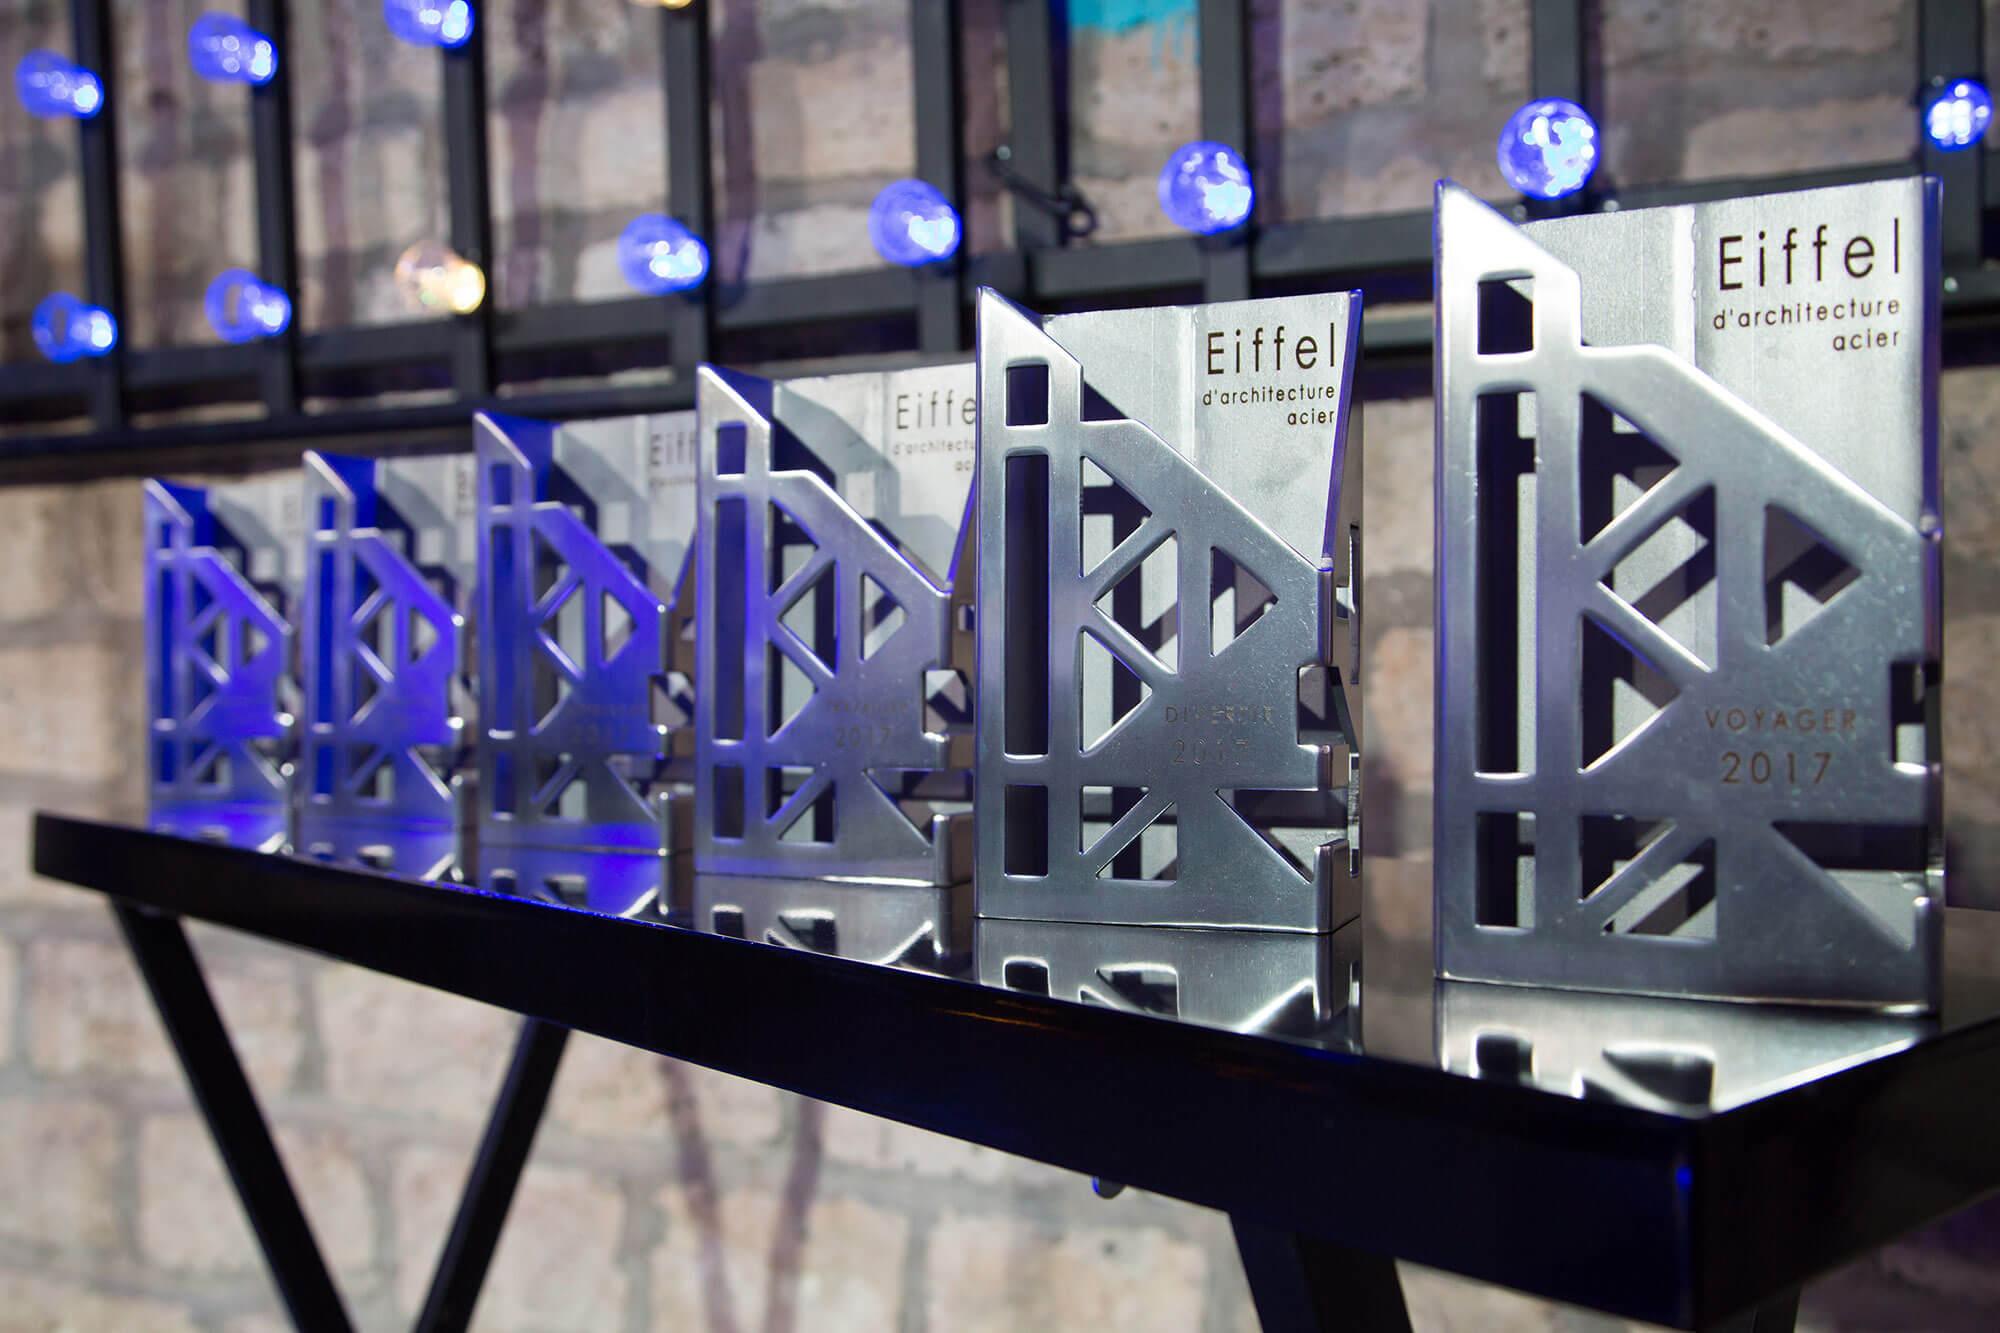 Trophées Eiffel d'architecture acier 2017